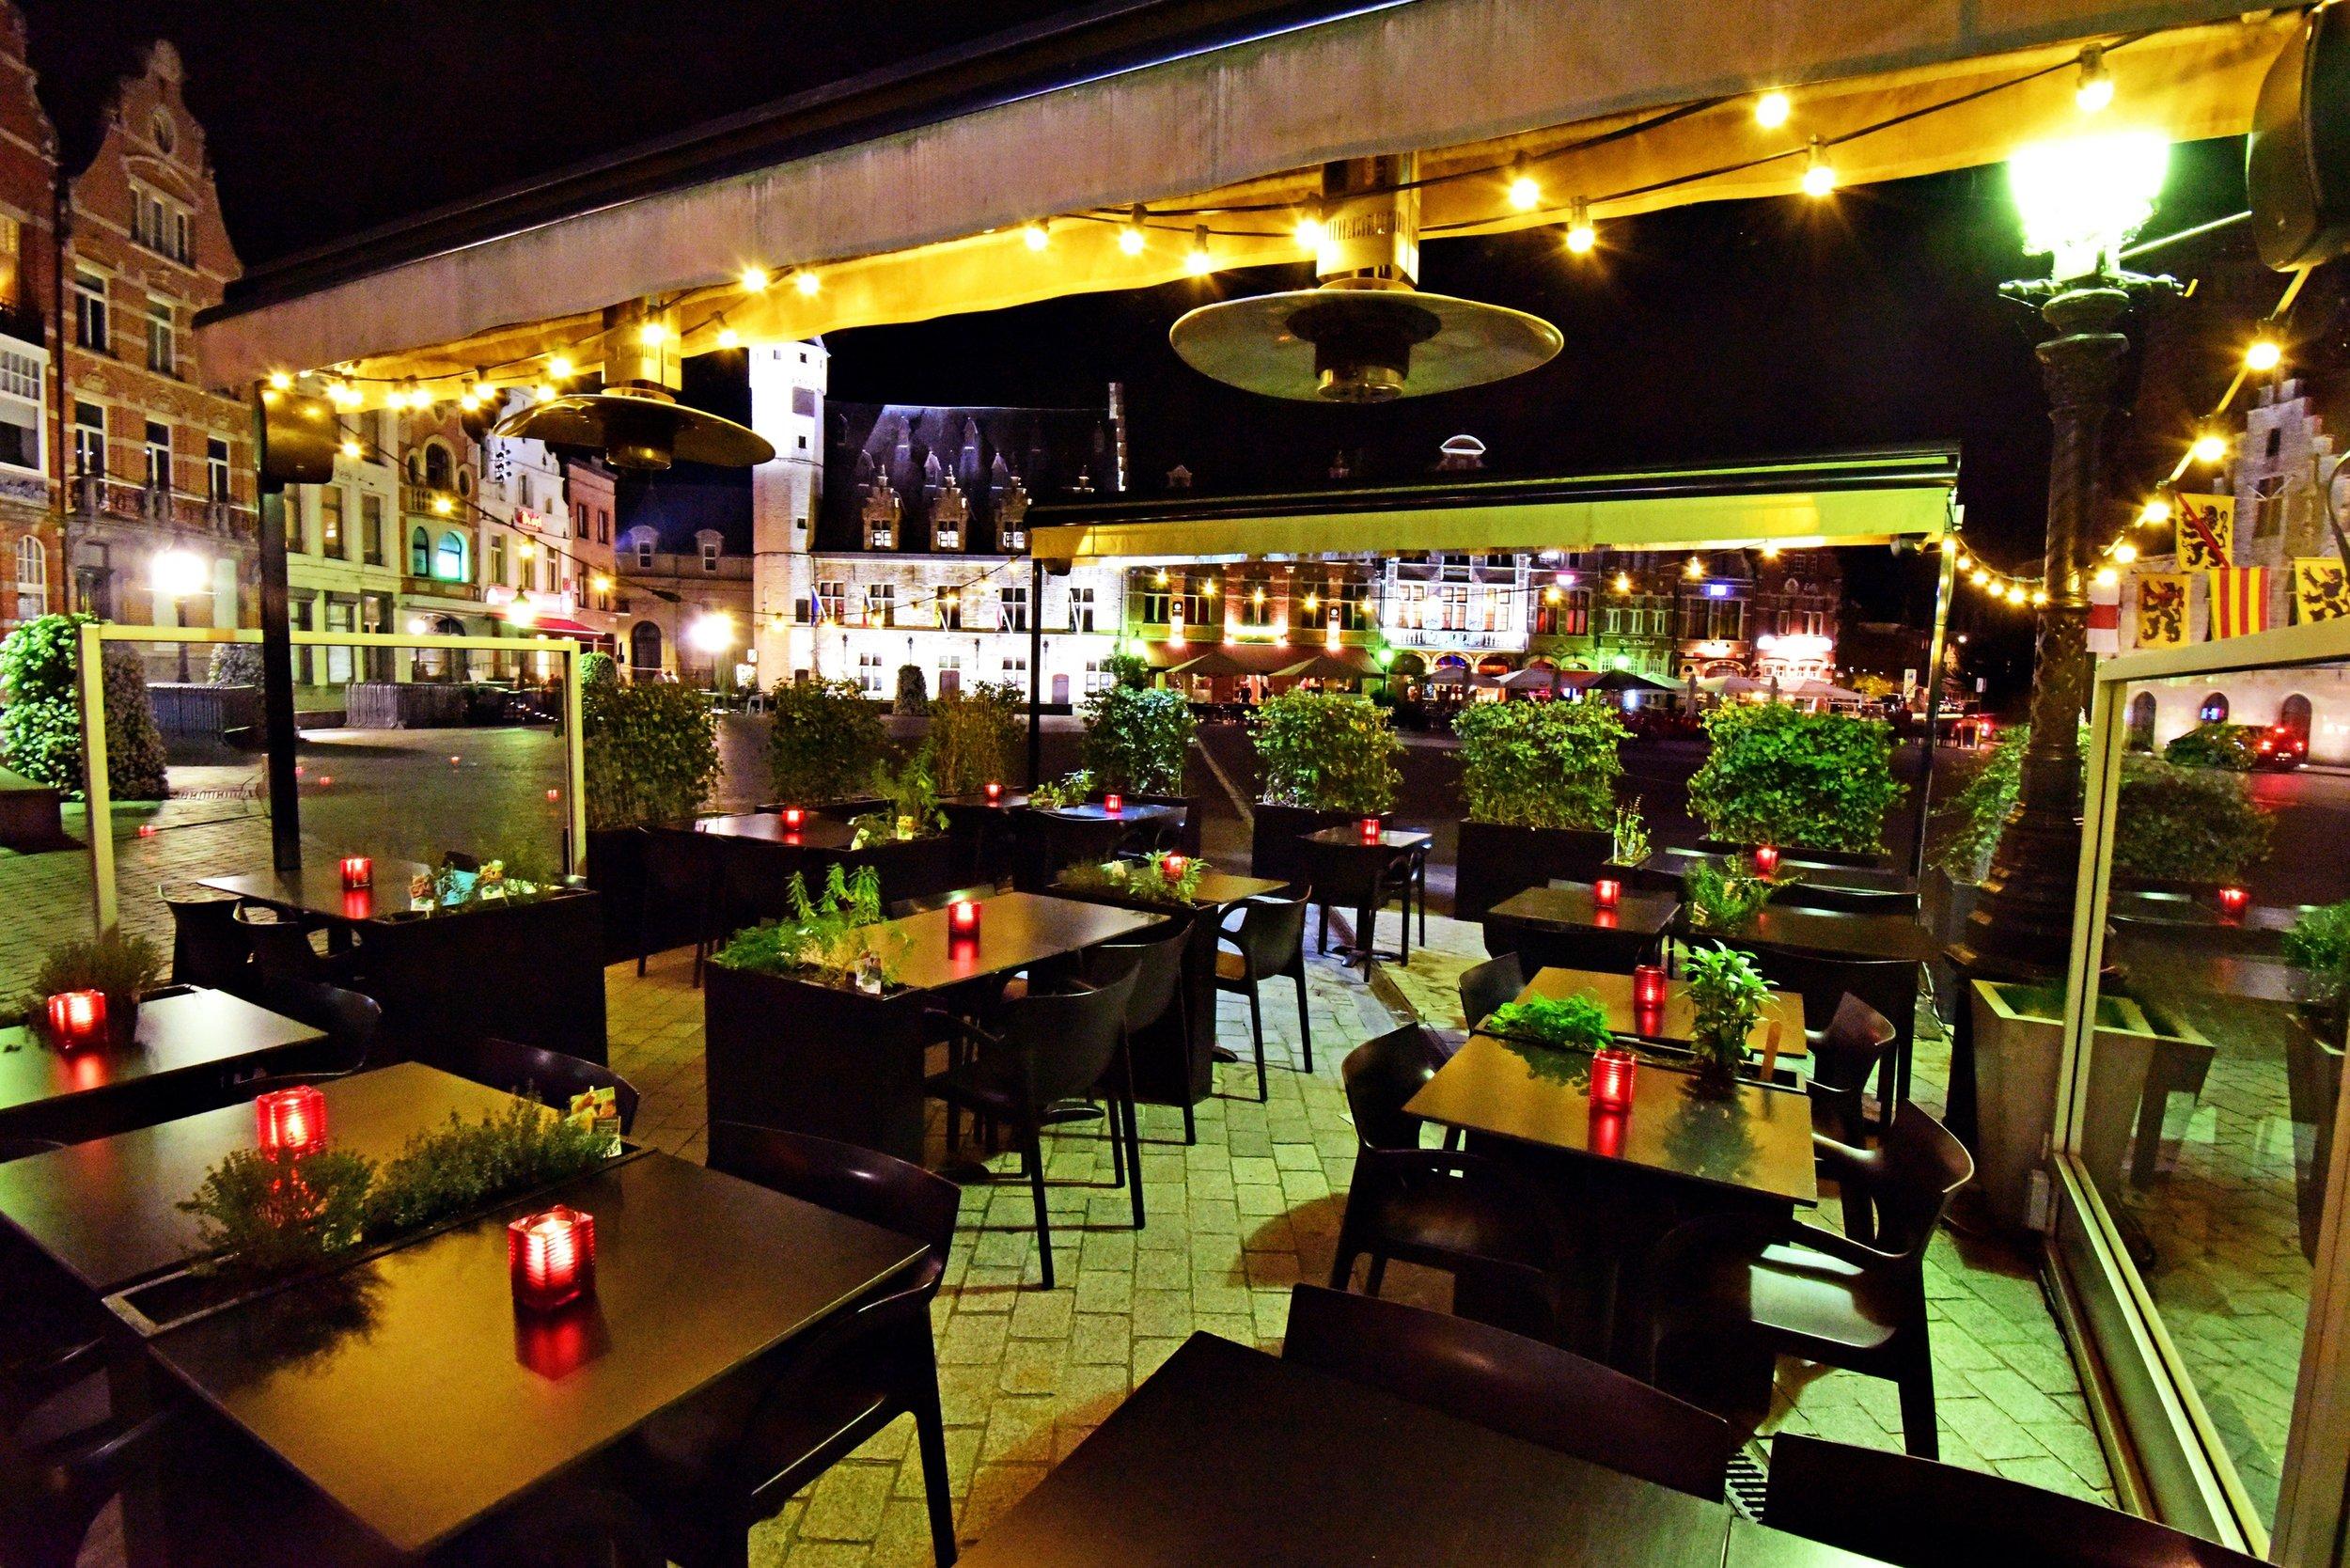 6 restaurant brasserie barley's dendermonde bart albrecht.jpg